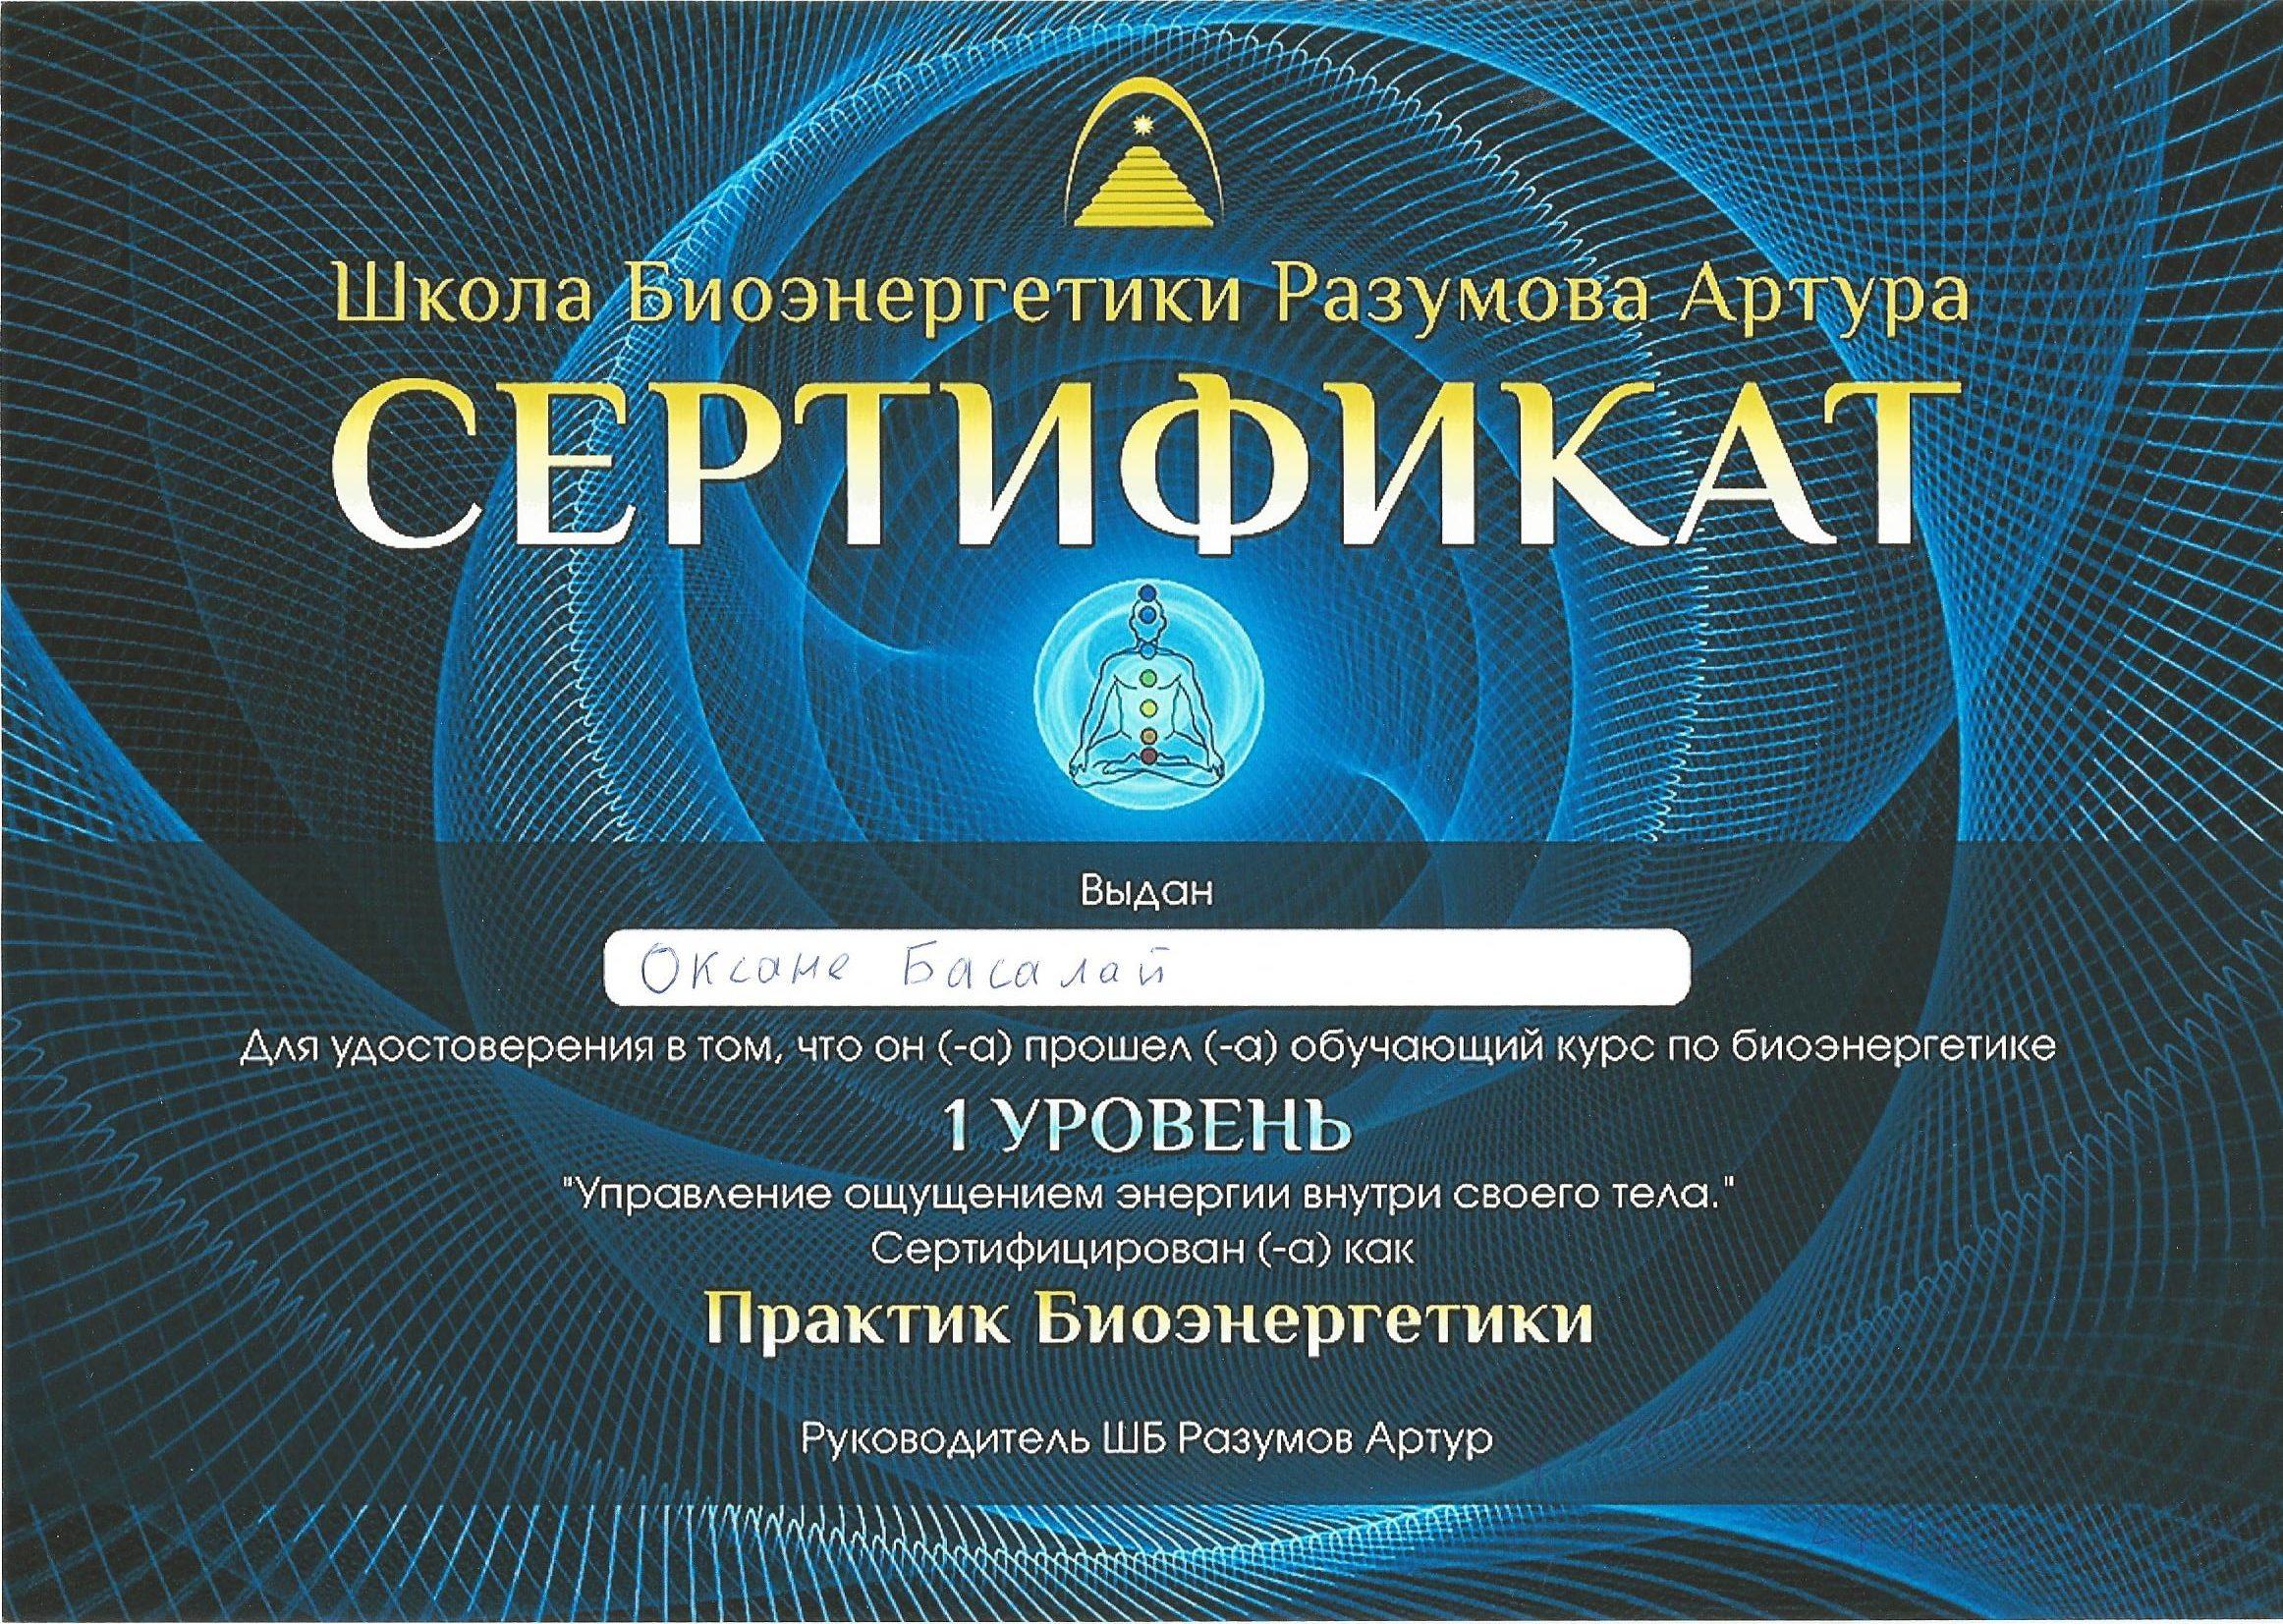 Сертификат Басалай Оксаны по Биоэнергетике